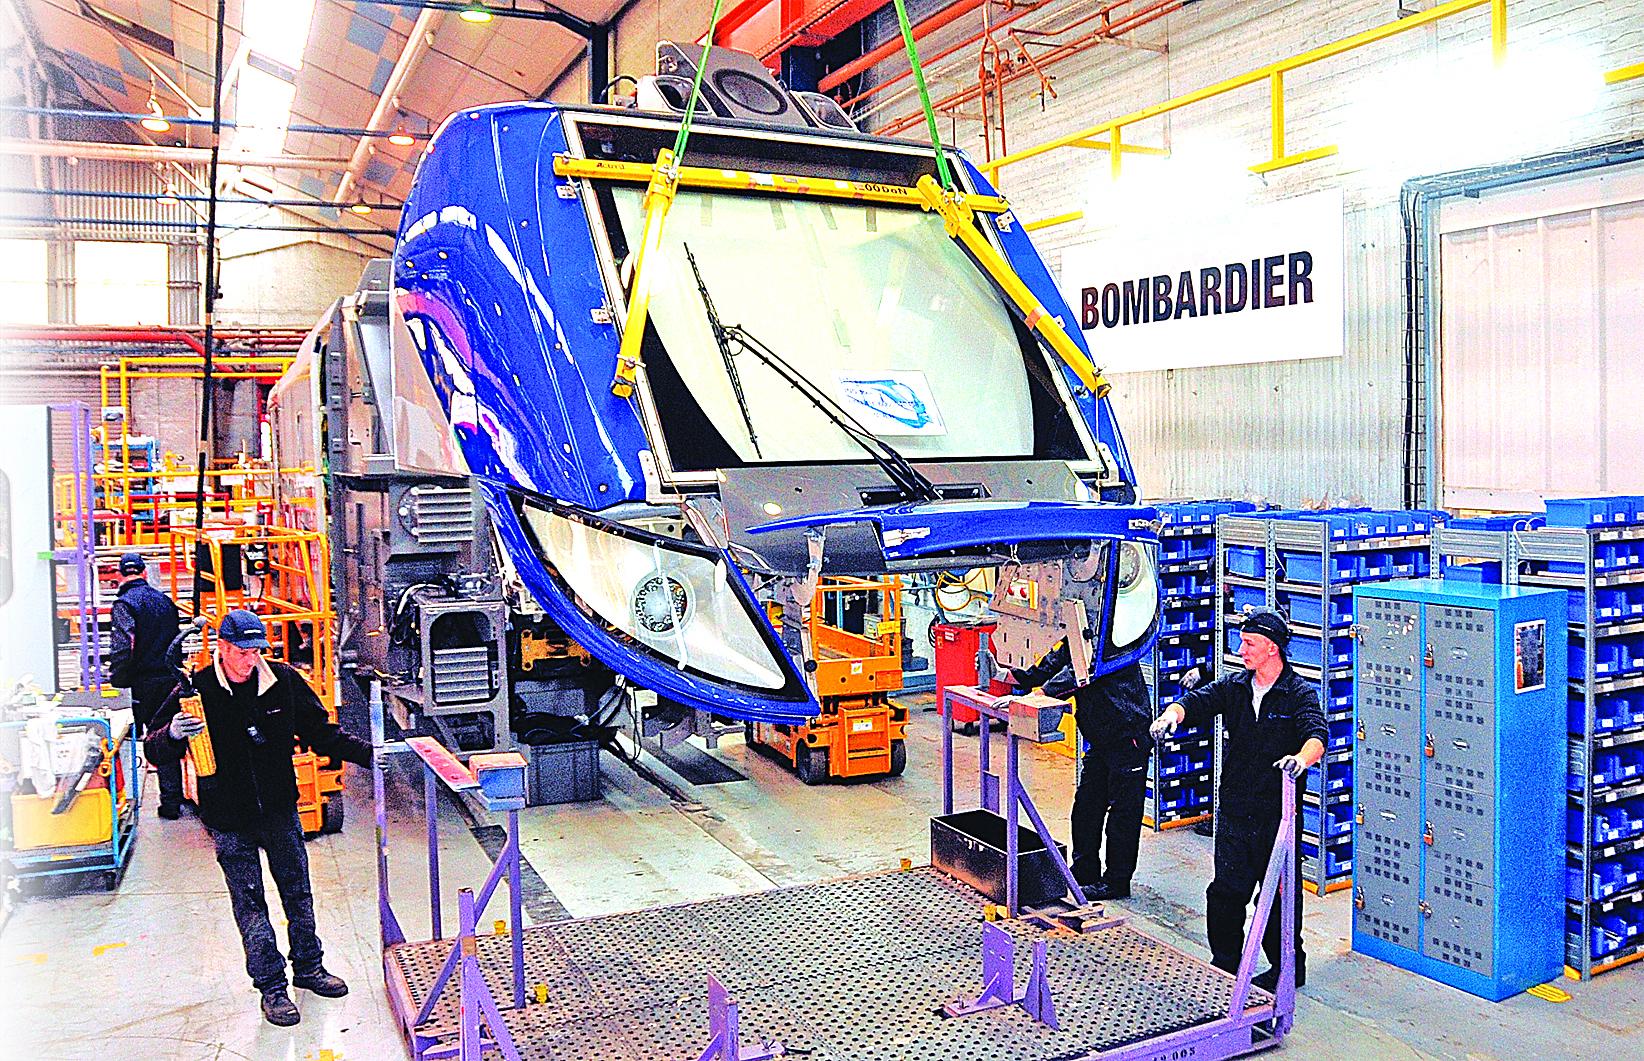 中國中車「拉郎配」,競標紐約大都會捷運署地鐵列車項目,受合作方加拿大龐巴迪拖累,被曝提前出局,從大熱門變大冷門。(Gettys Images)